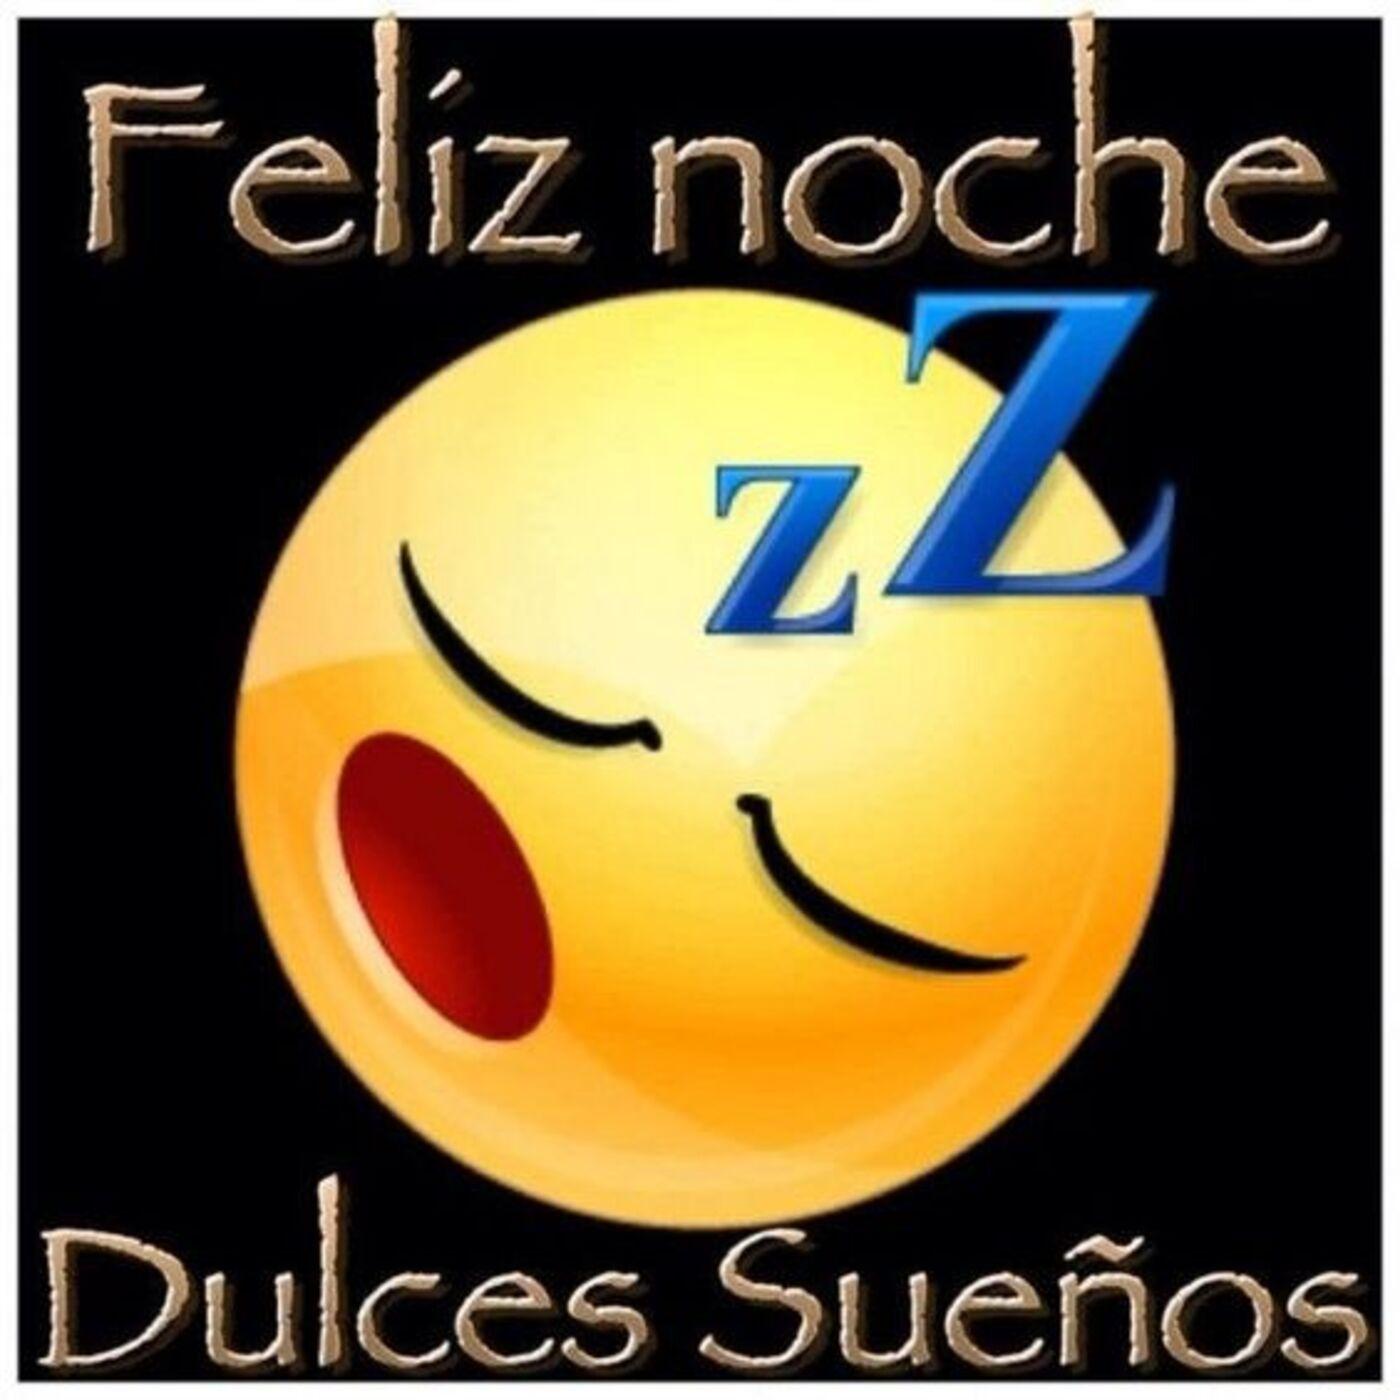 Feliz noche dulces sueños